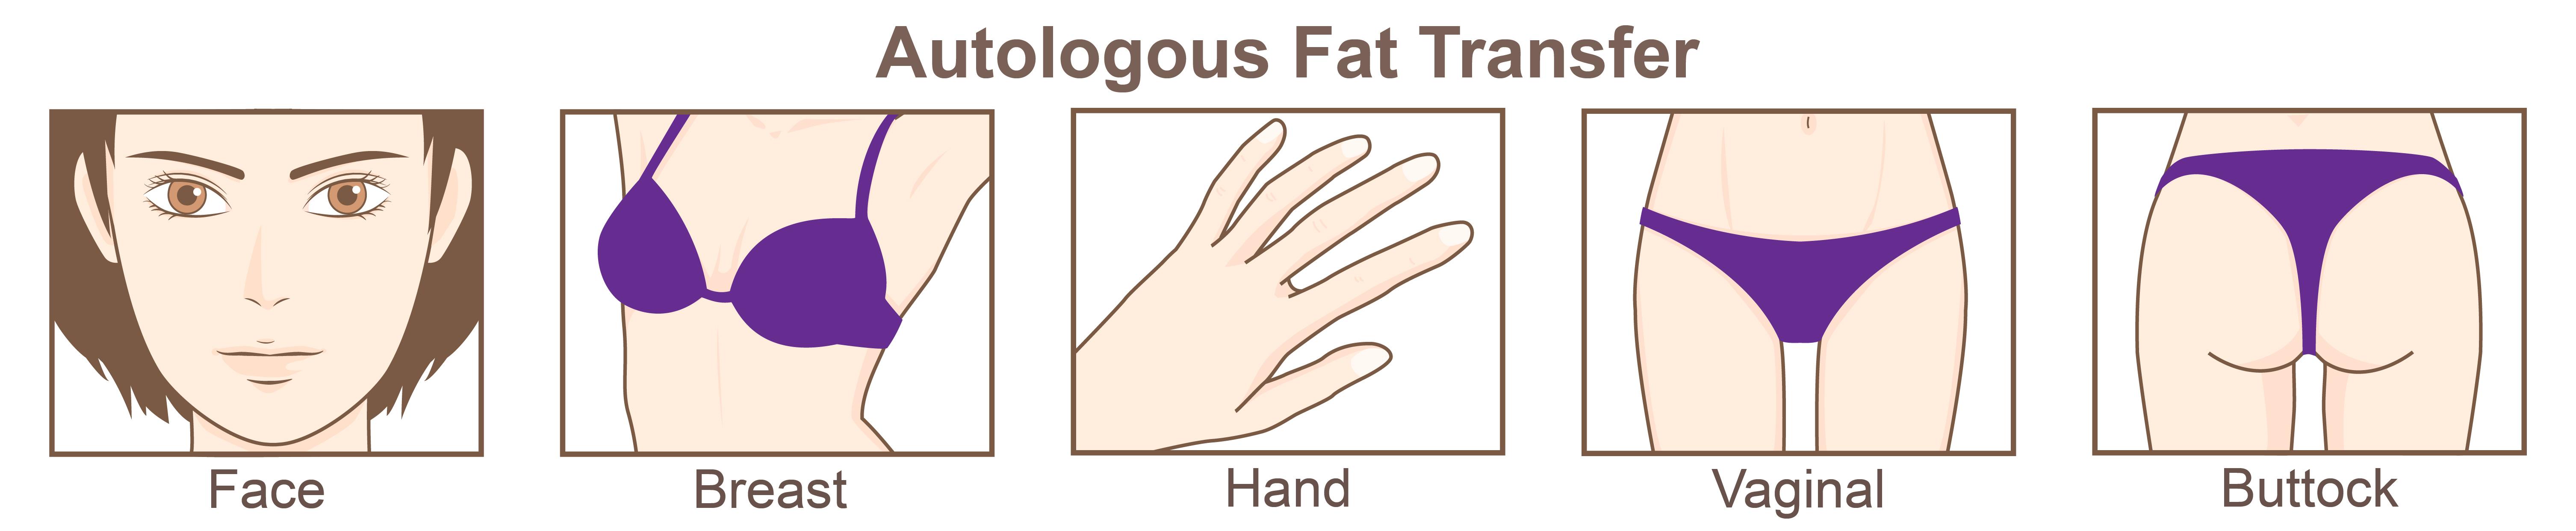 自體脂肪填充可以改善面部凹陷、胸部產後萎縮、臀部扁平等問題